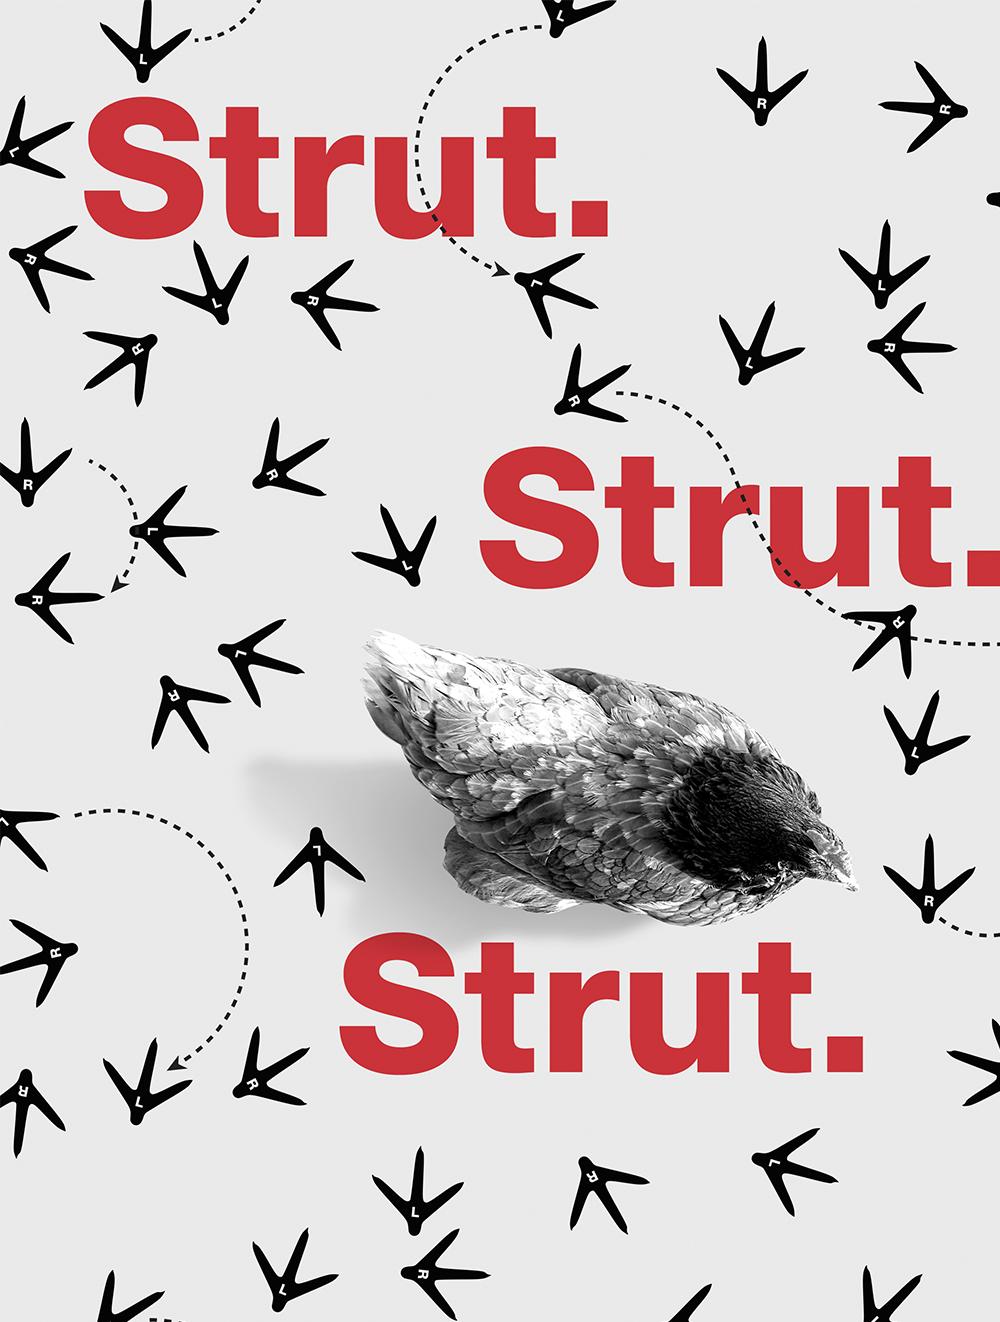 Strut. Strut. Strut.